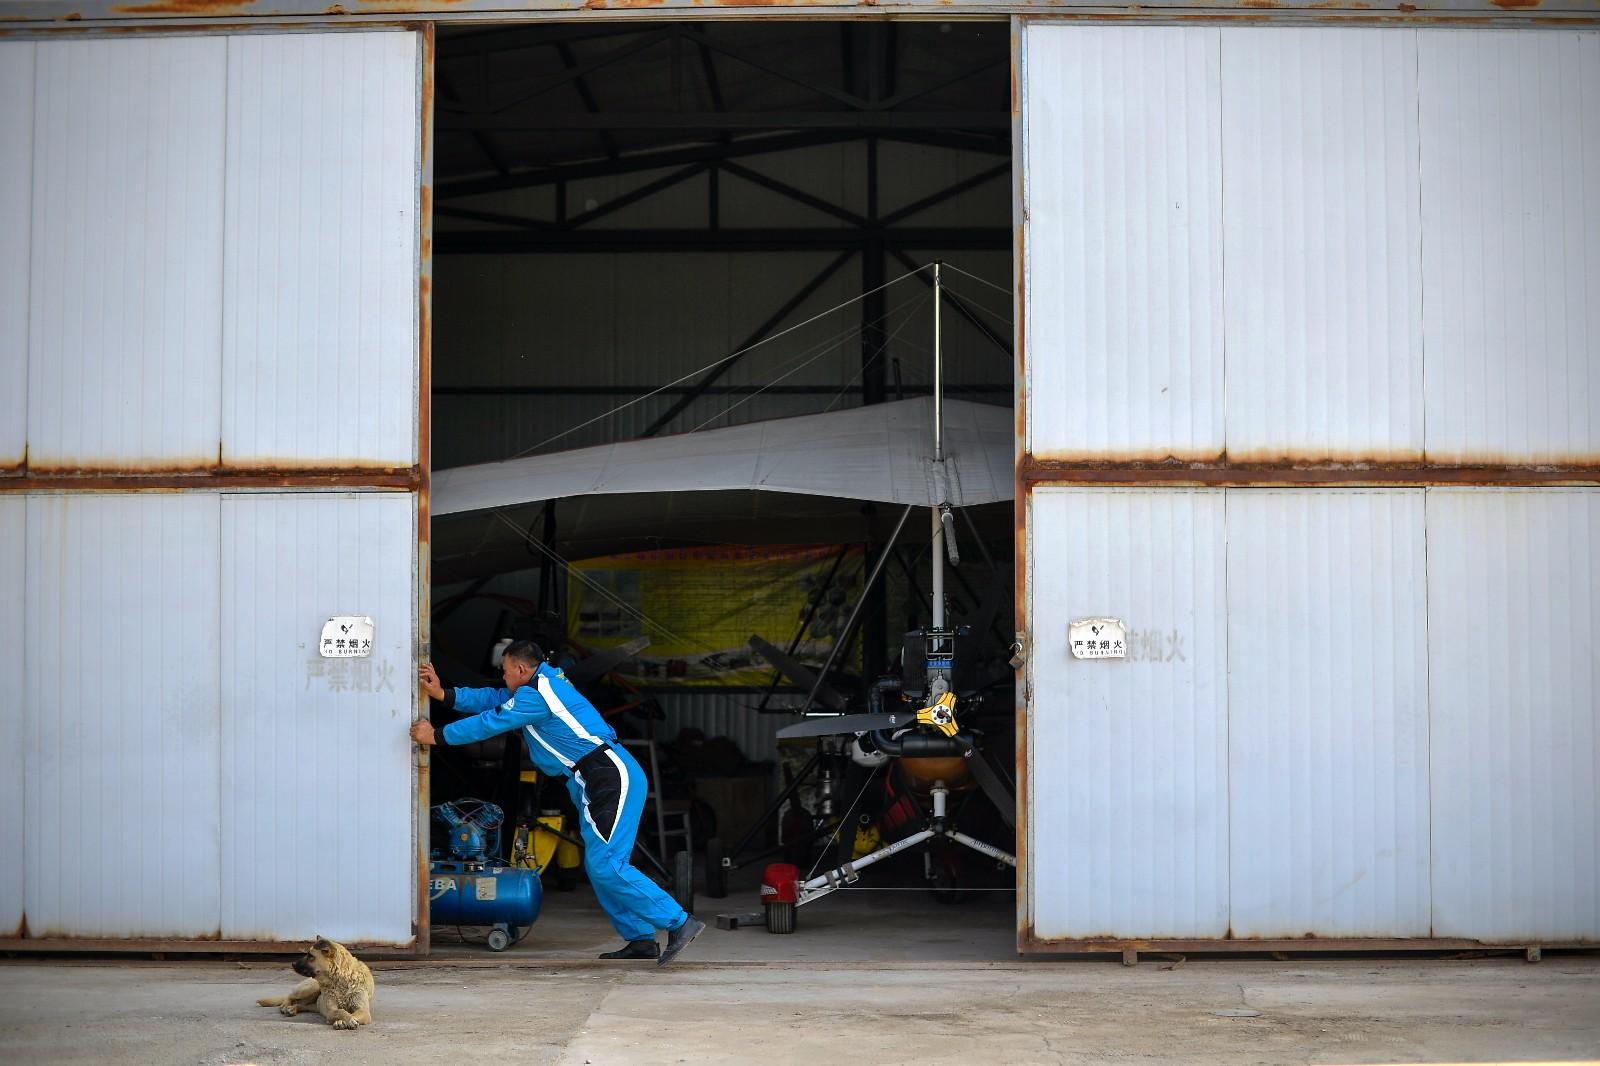 在银川市贺兰县,刘亦兵拉开机库大门,做飞行前准备工作(6月21日摄)。